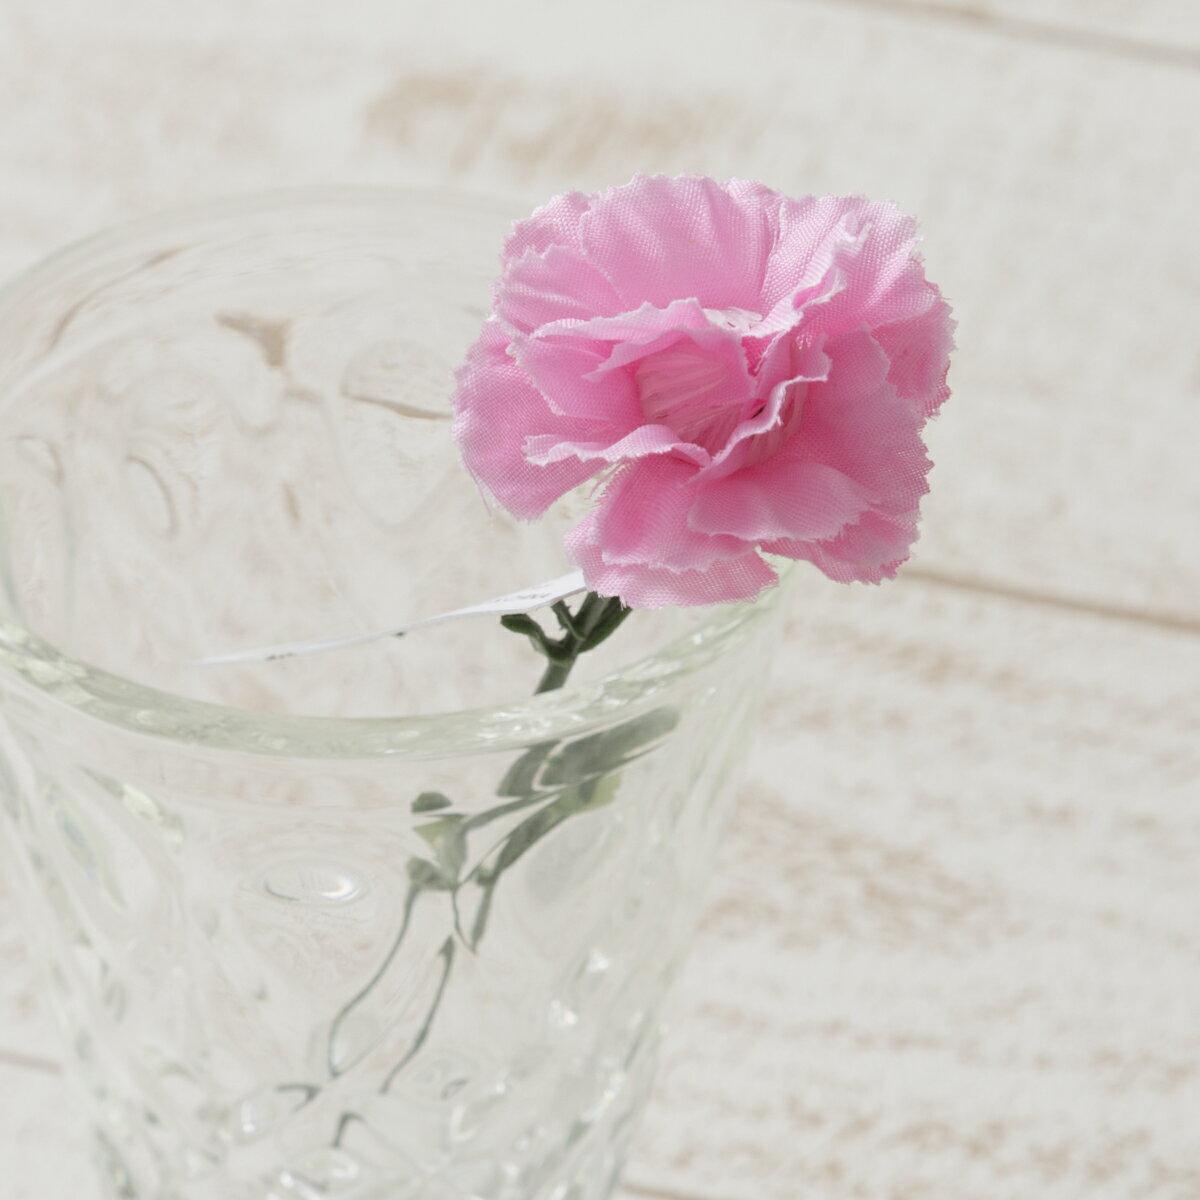 即日 【造花】YDM/カーネーションピックS ピンク/FS7799-P《 造花(アーティフィシャルフラワー) 造花 花材「か行」 カーネーション 》